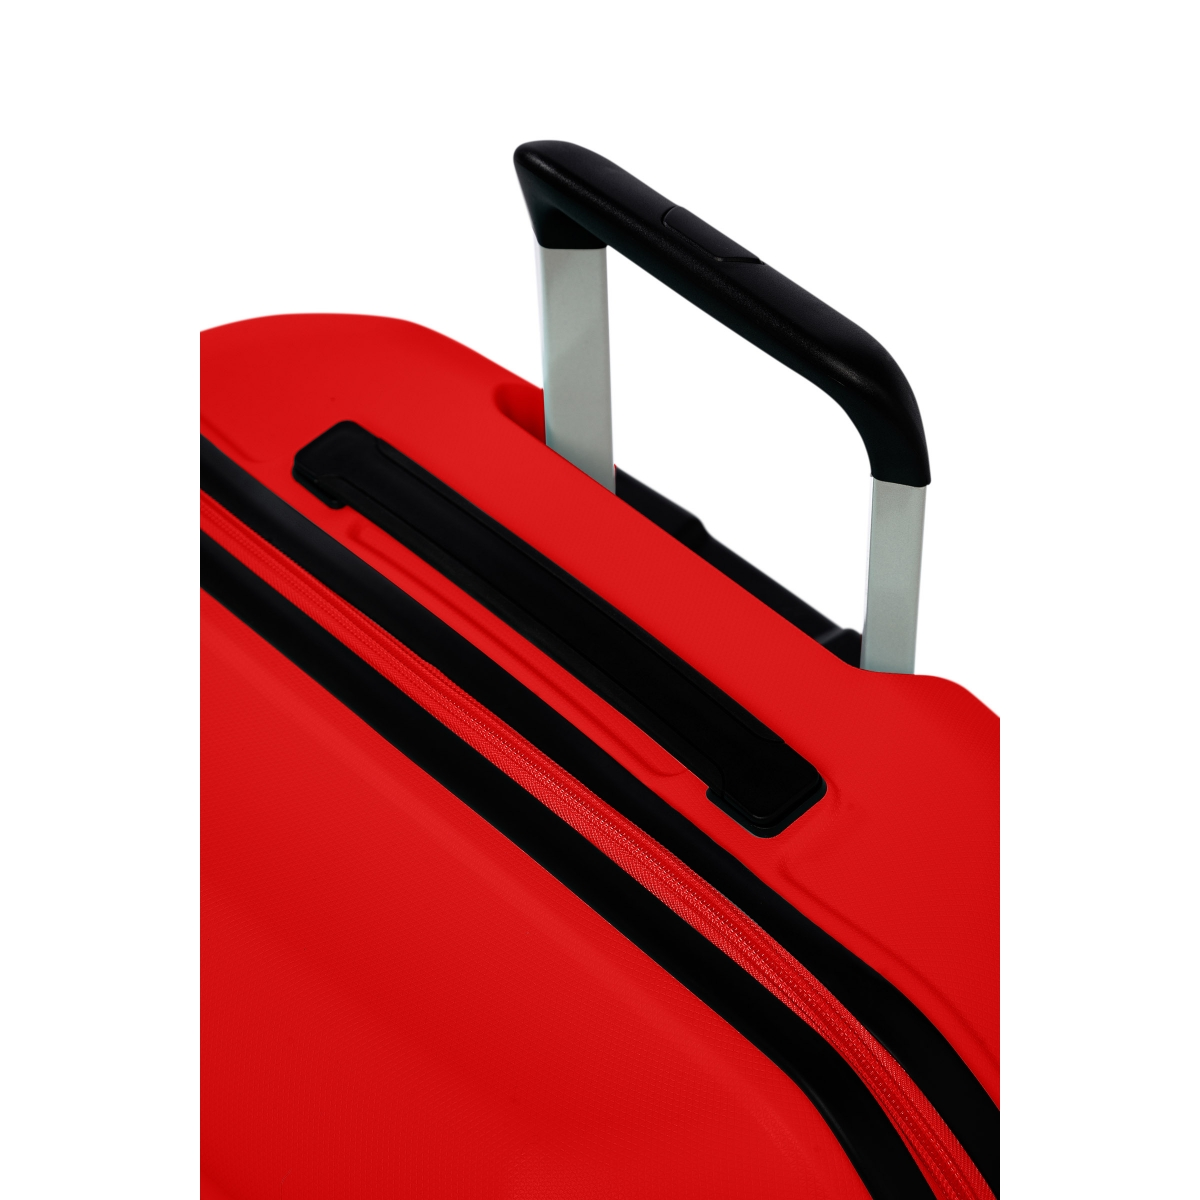 G&D Polo Suitcase PP Enjeksiyon 3'lü Valiz Seyahat Seti - Model 400.14 Kırmızı